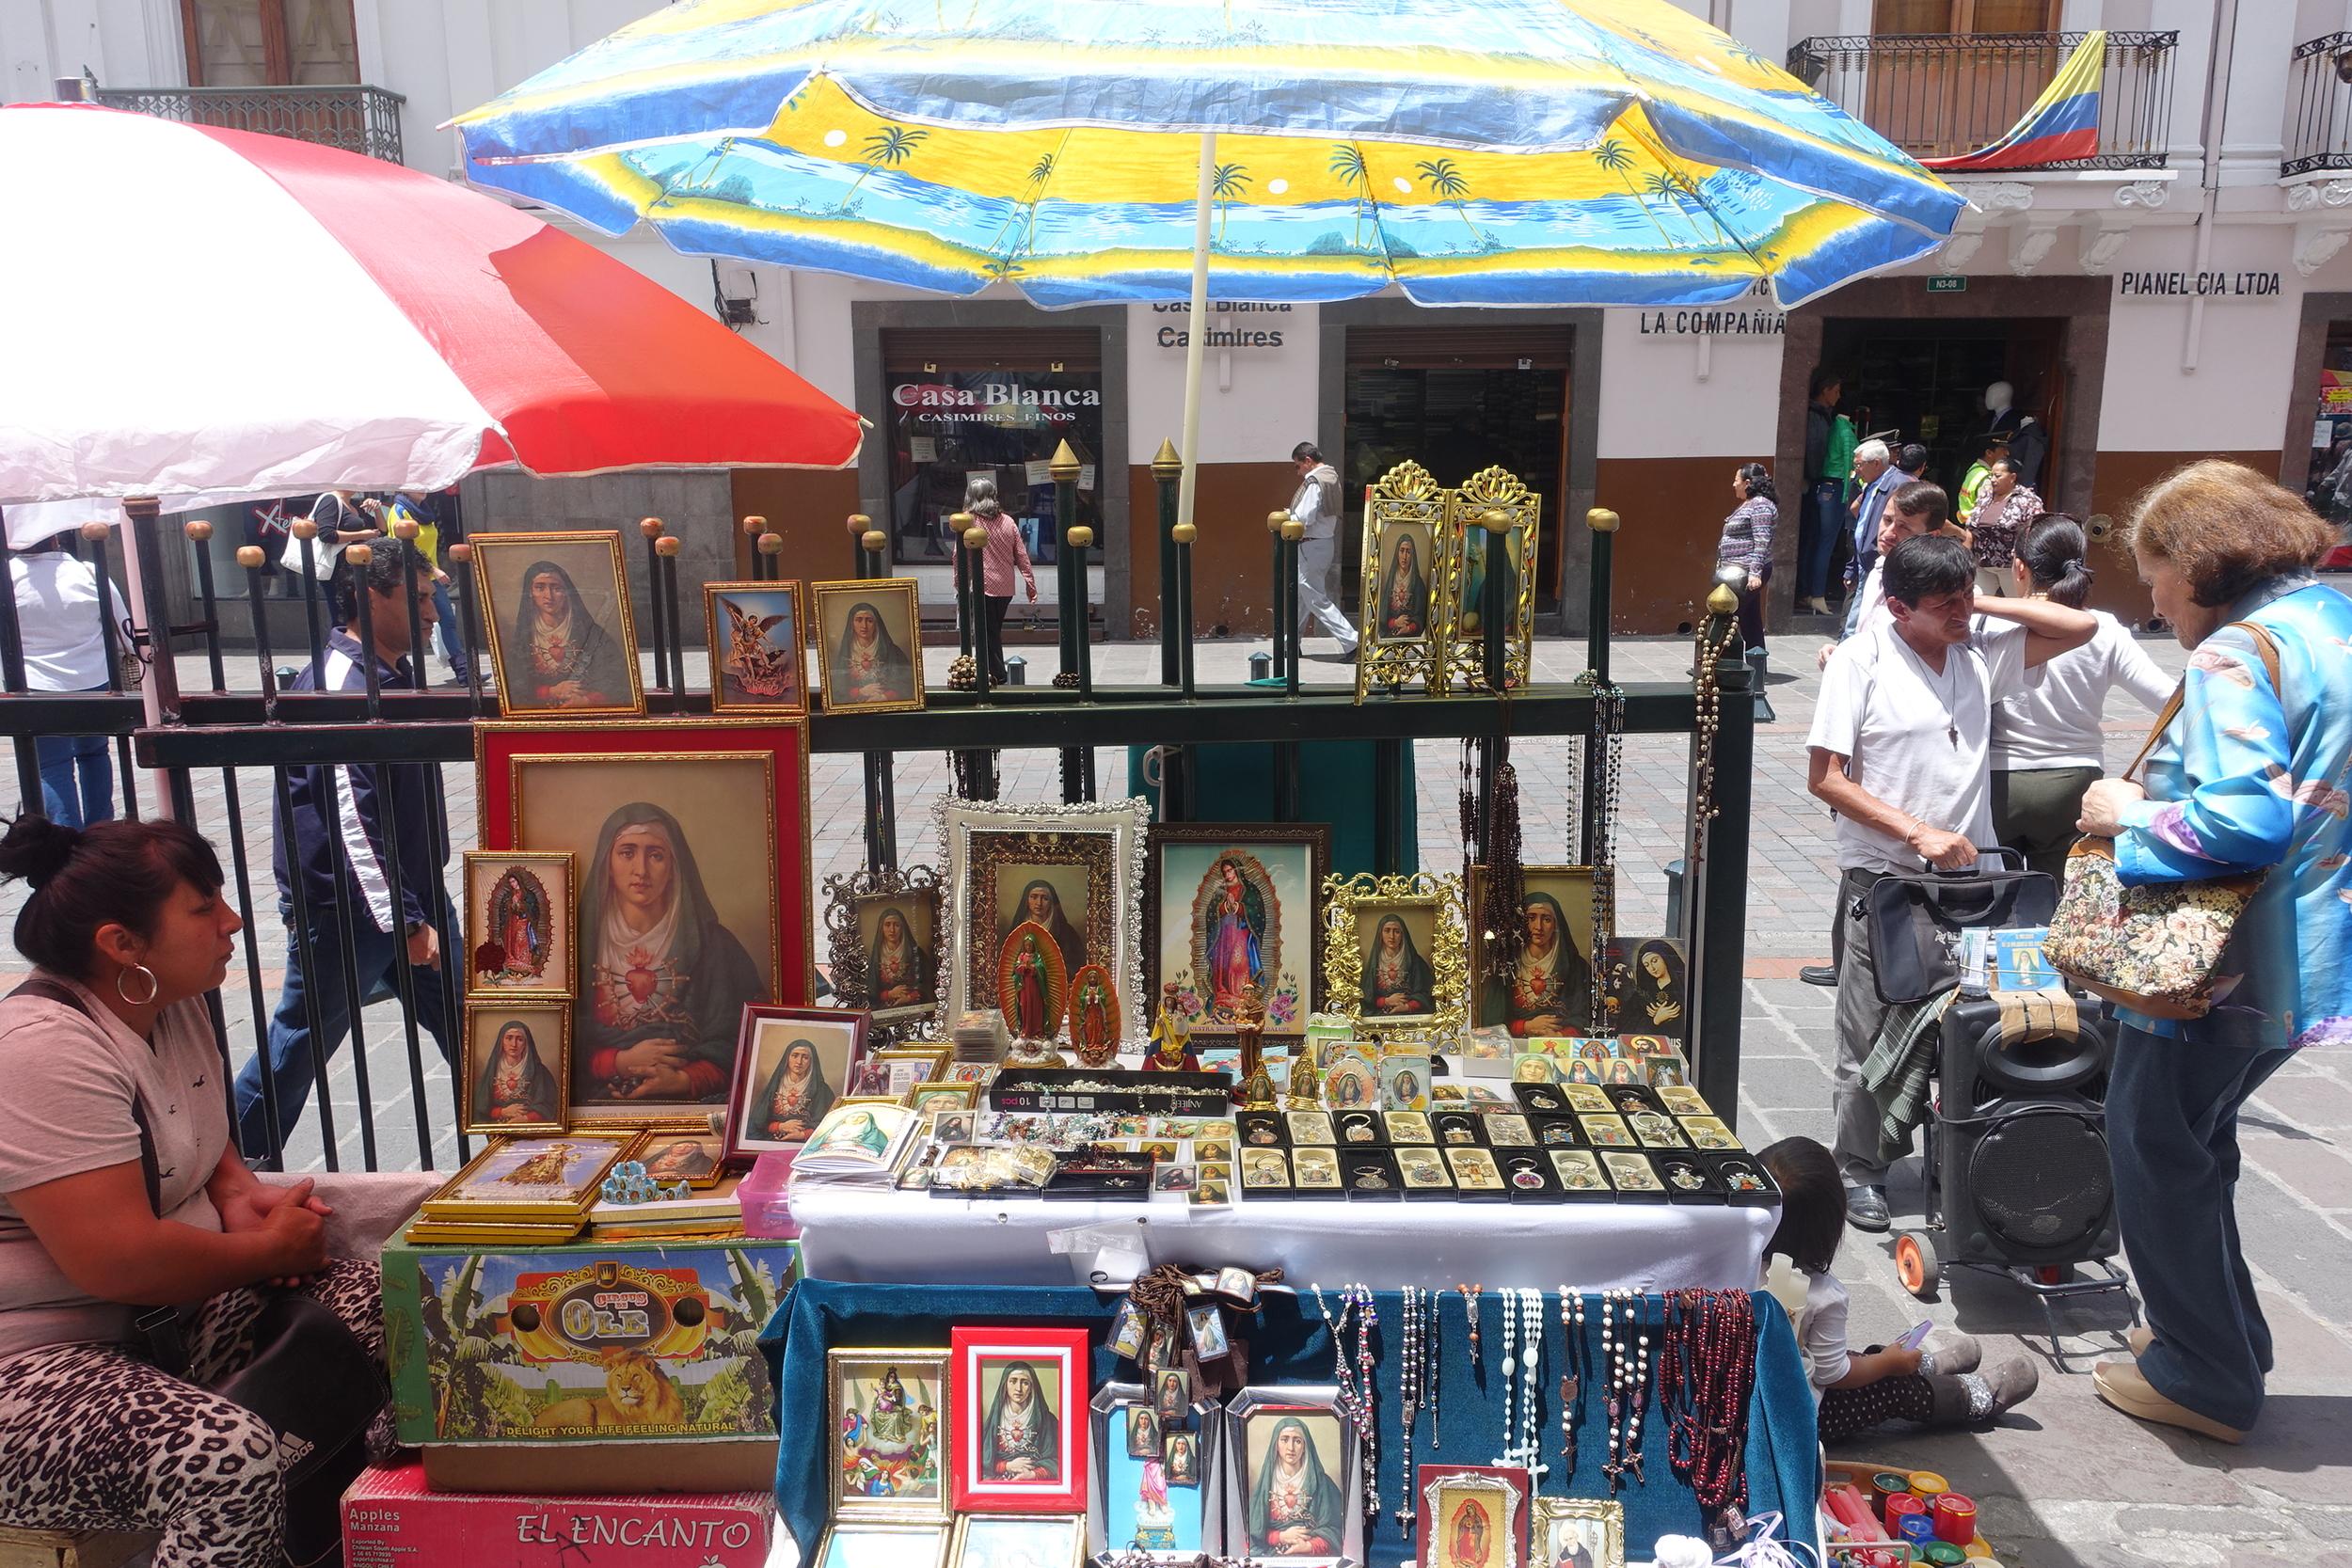 ECUADOR IS A devout CATHOLIC COUNTRY.